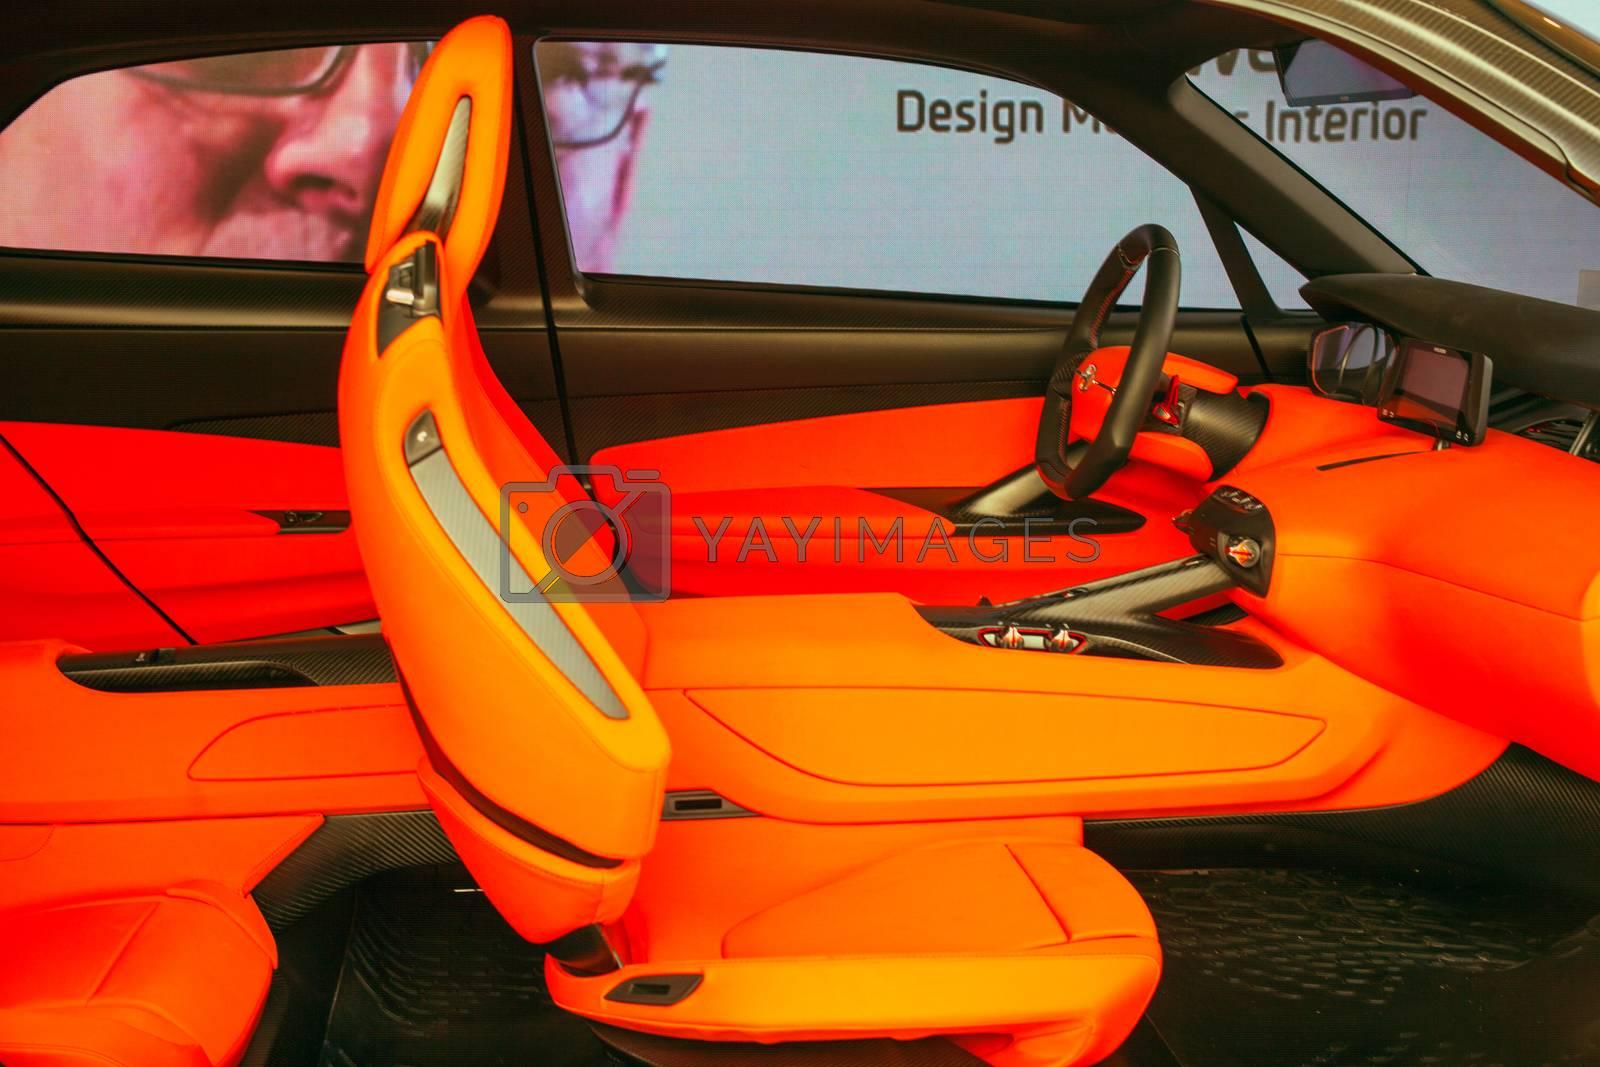 Car Interior by bepsimage